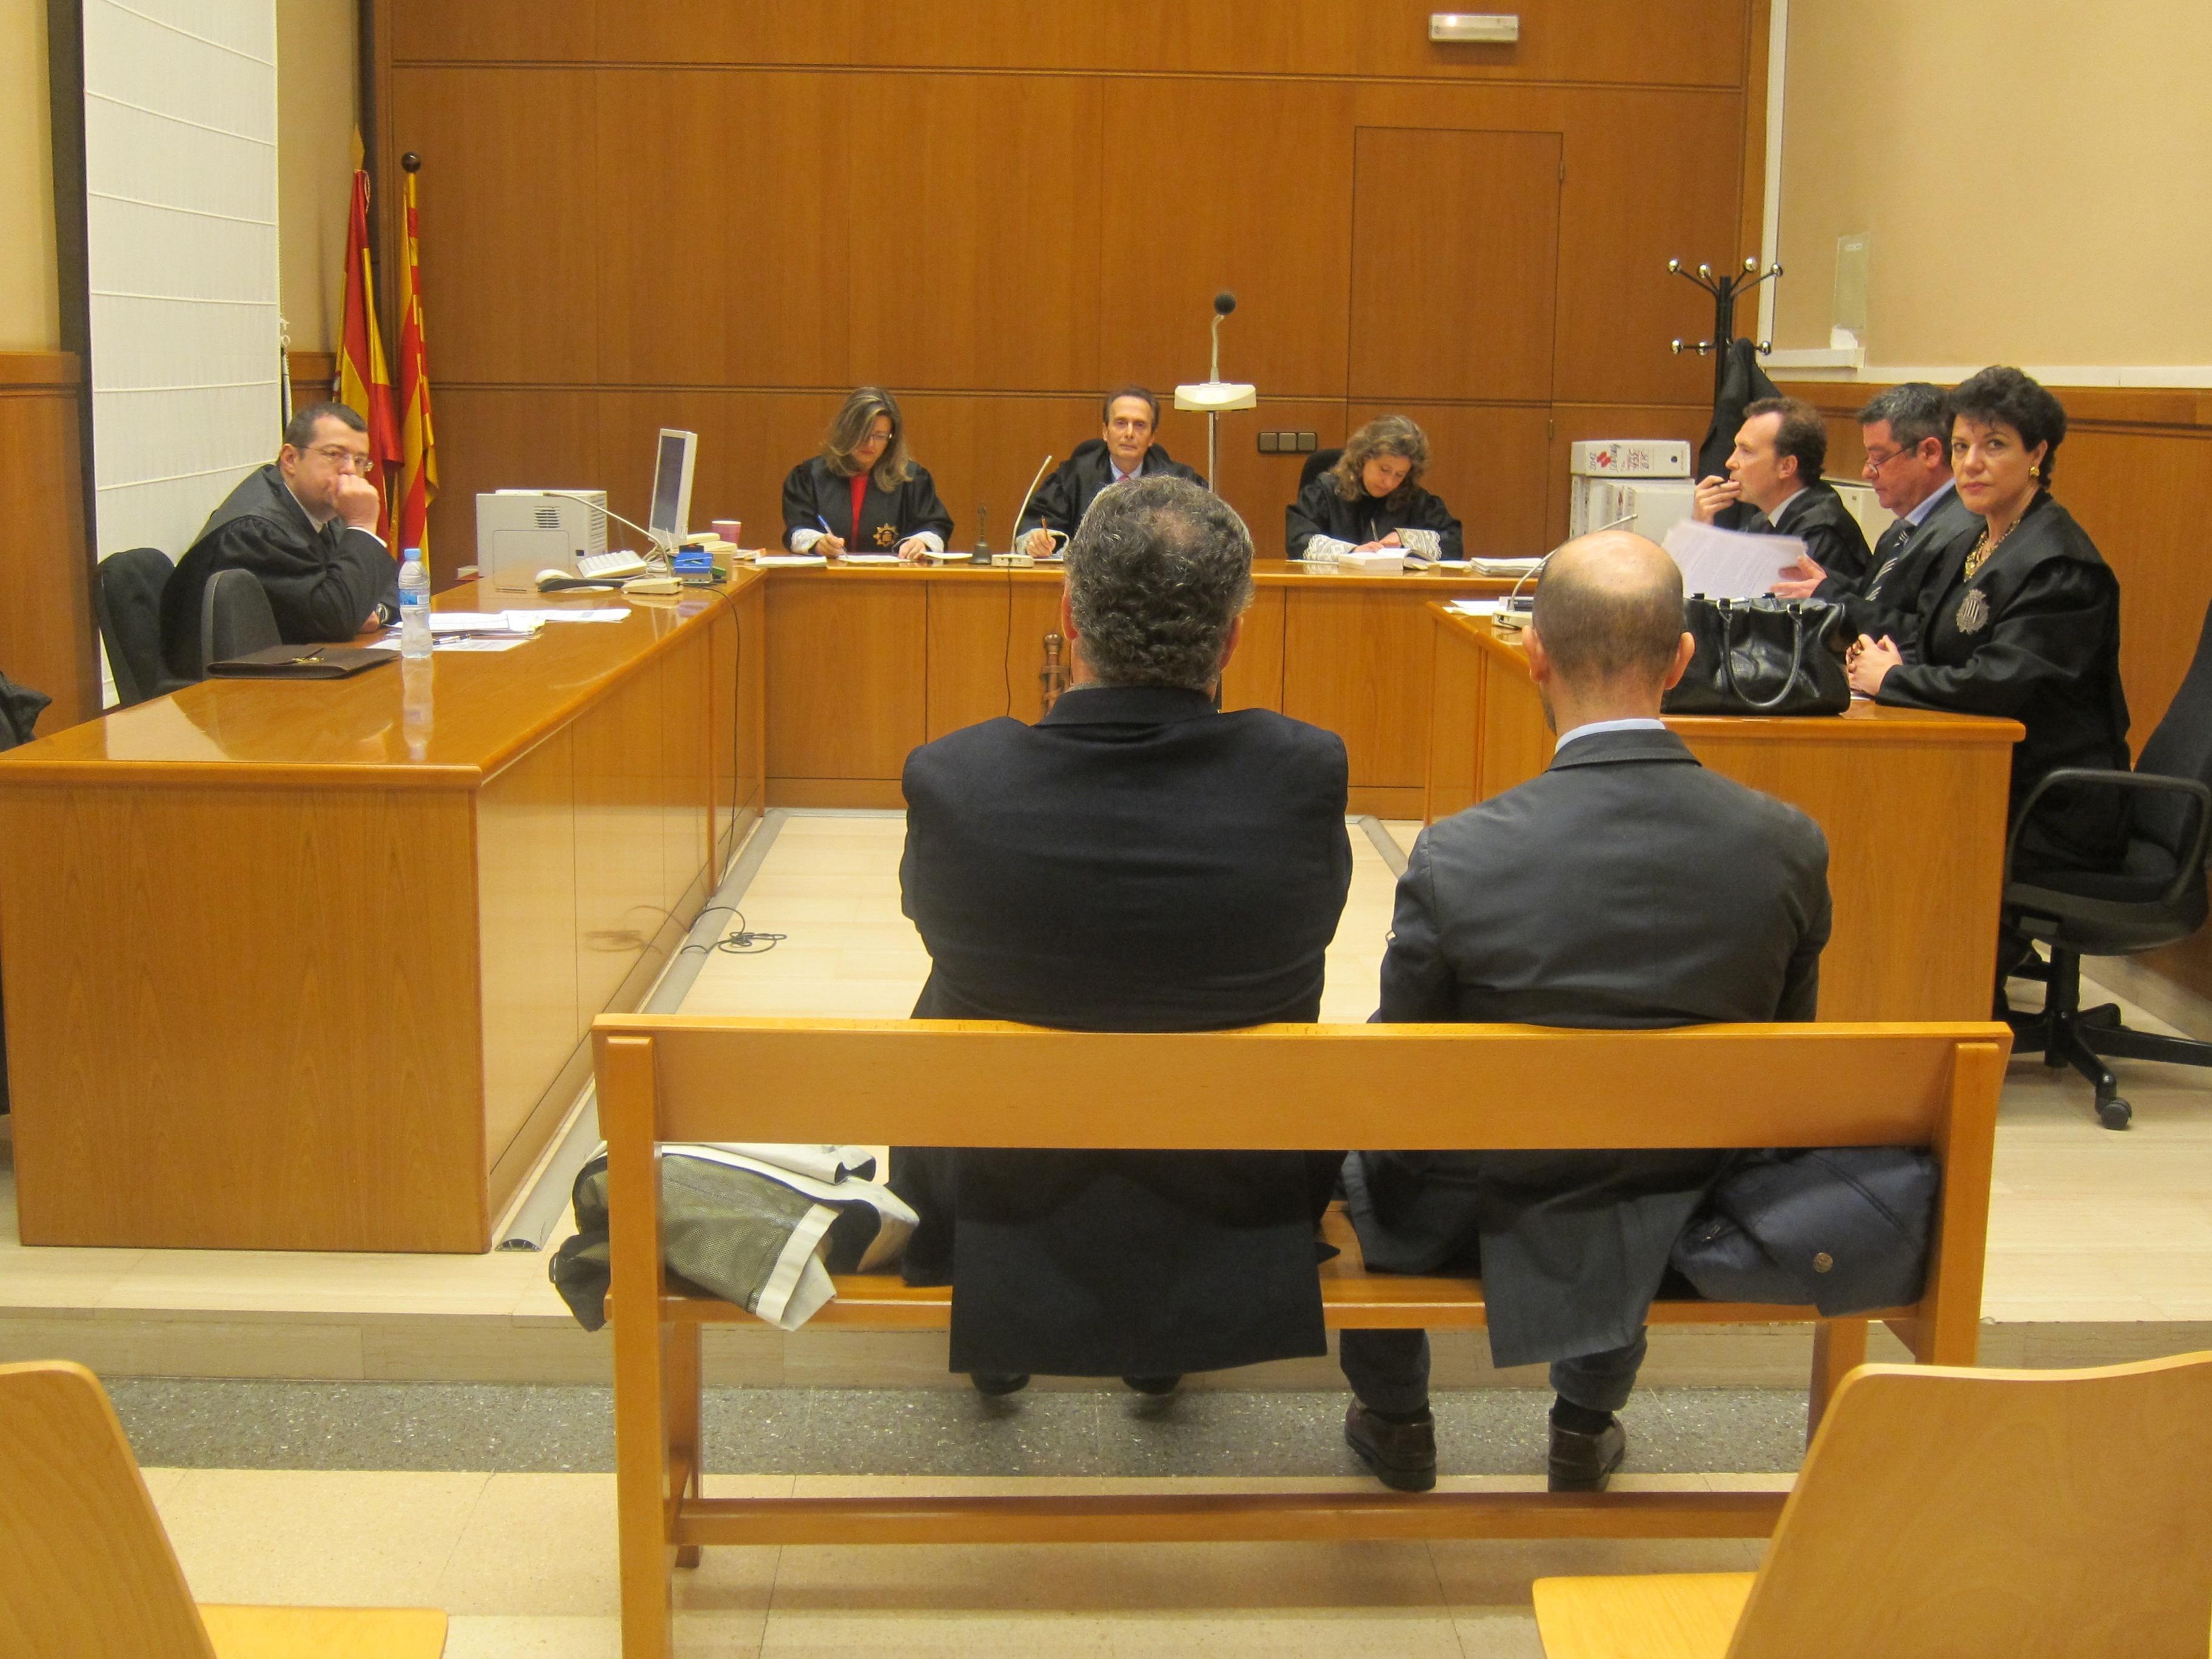 Absuelven al alcalde de Parets (Barcelona) de malversación porque se vulneró su presunción de inocencia